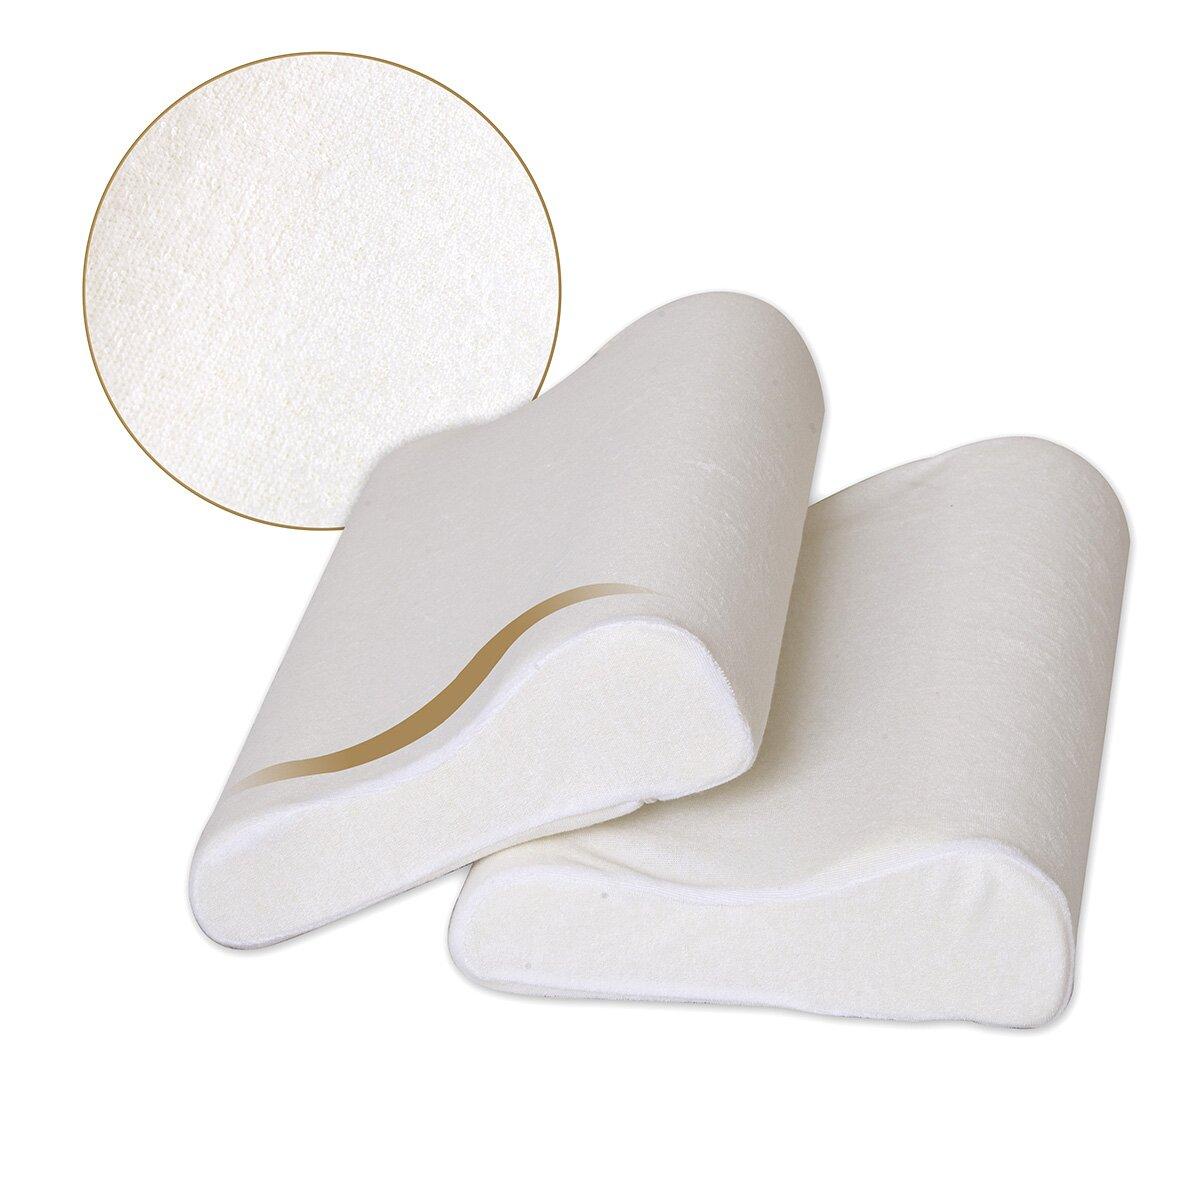 Dasein contour memory foam pillow wayfairca for Contour memory foam pillow